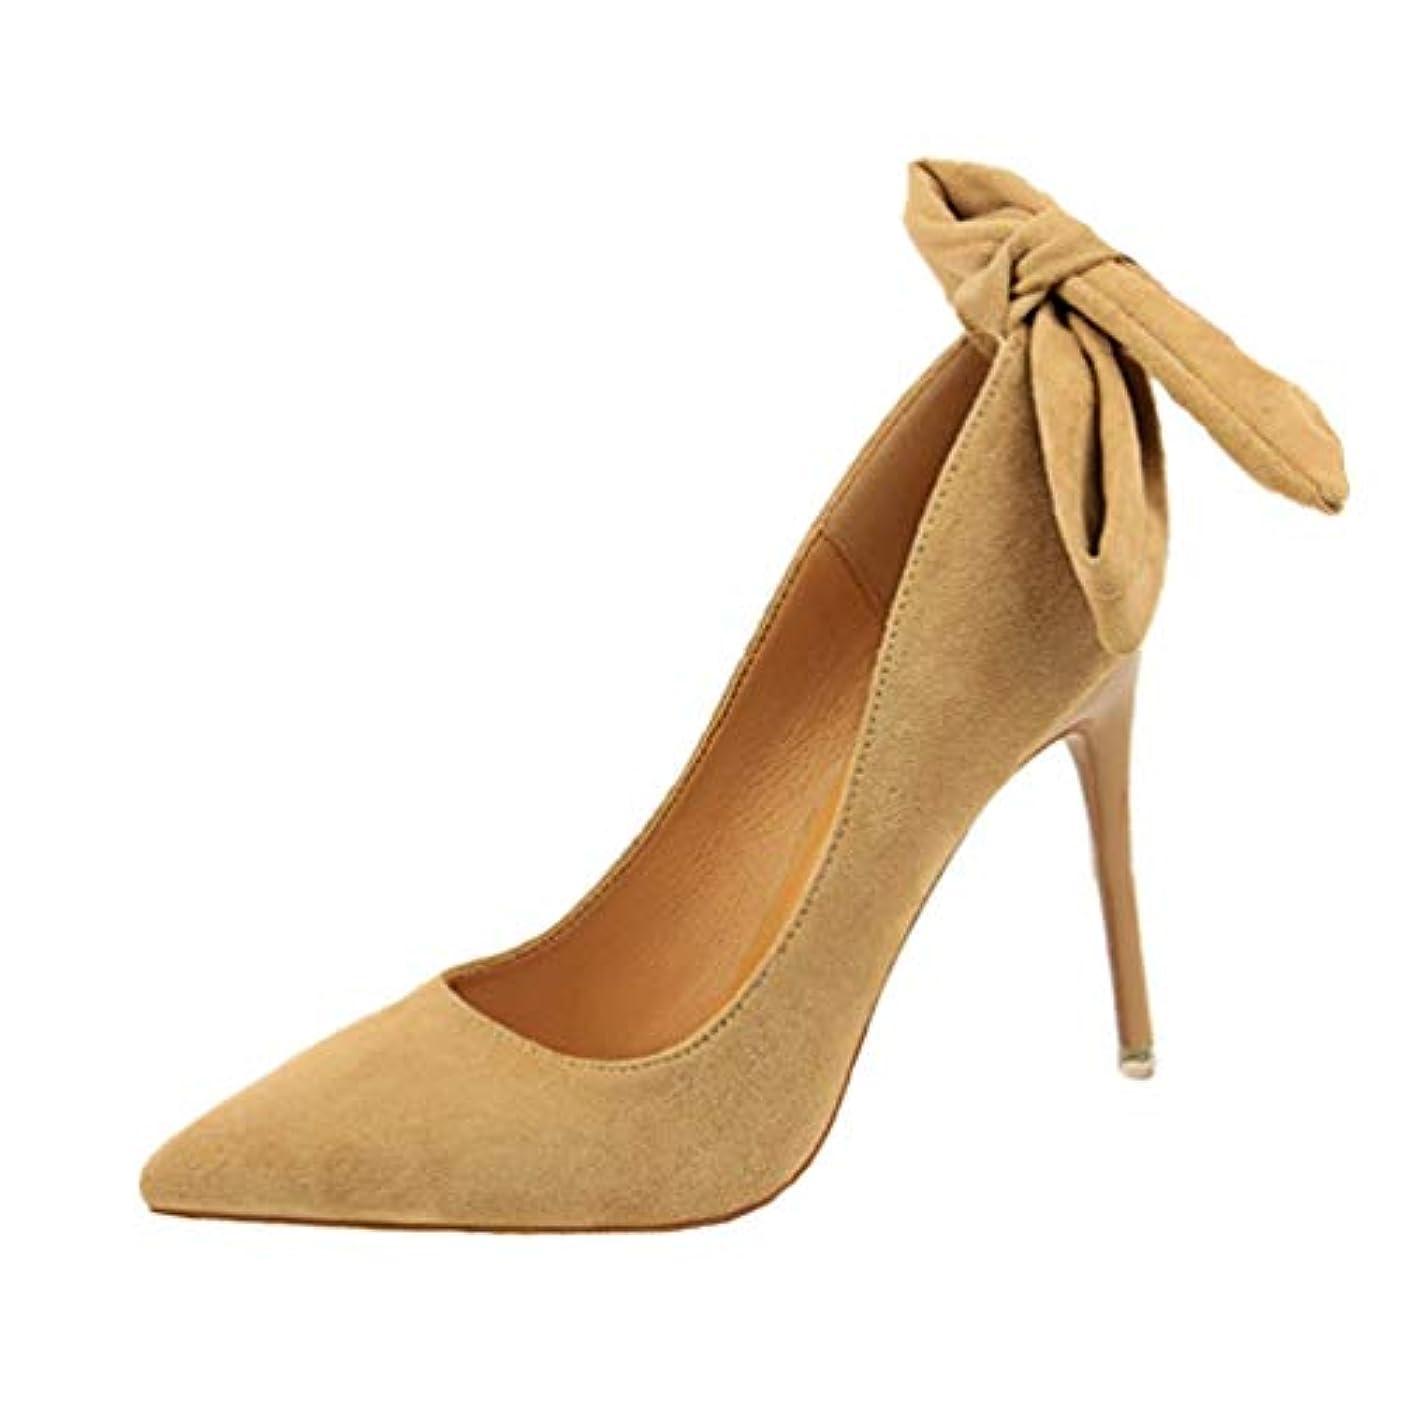 神秘的な線アテンダント女性のスリップの尖ったつま先ハイヒールの靴アンクルストラップパーティードレススティレットハイヒールの過剰摂取レディースポンプ大きな弓ノットの結婚式の靴